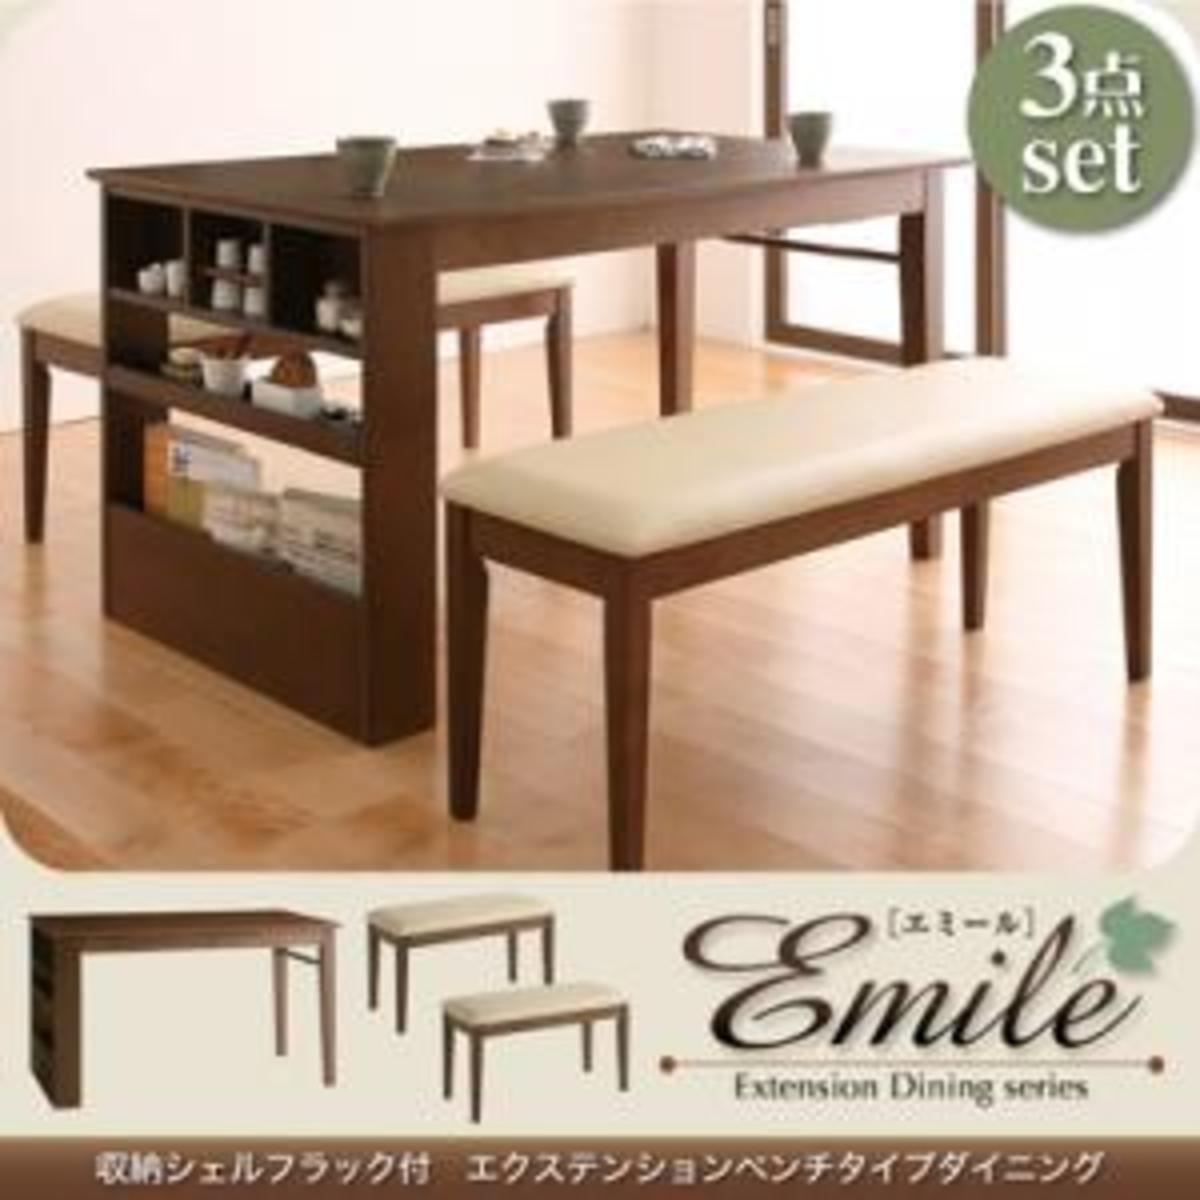 emile伸縮收納餐桌-3点